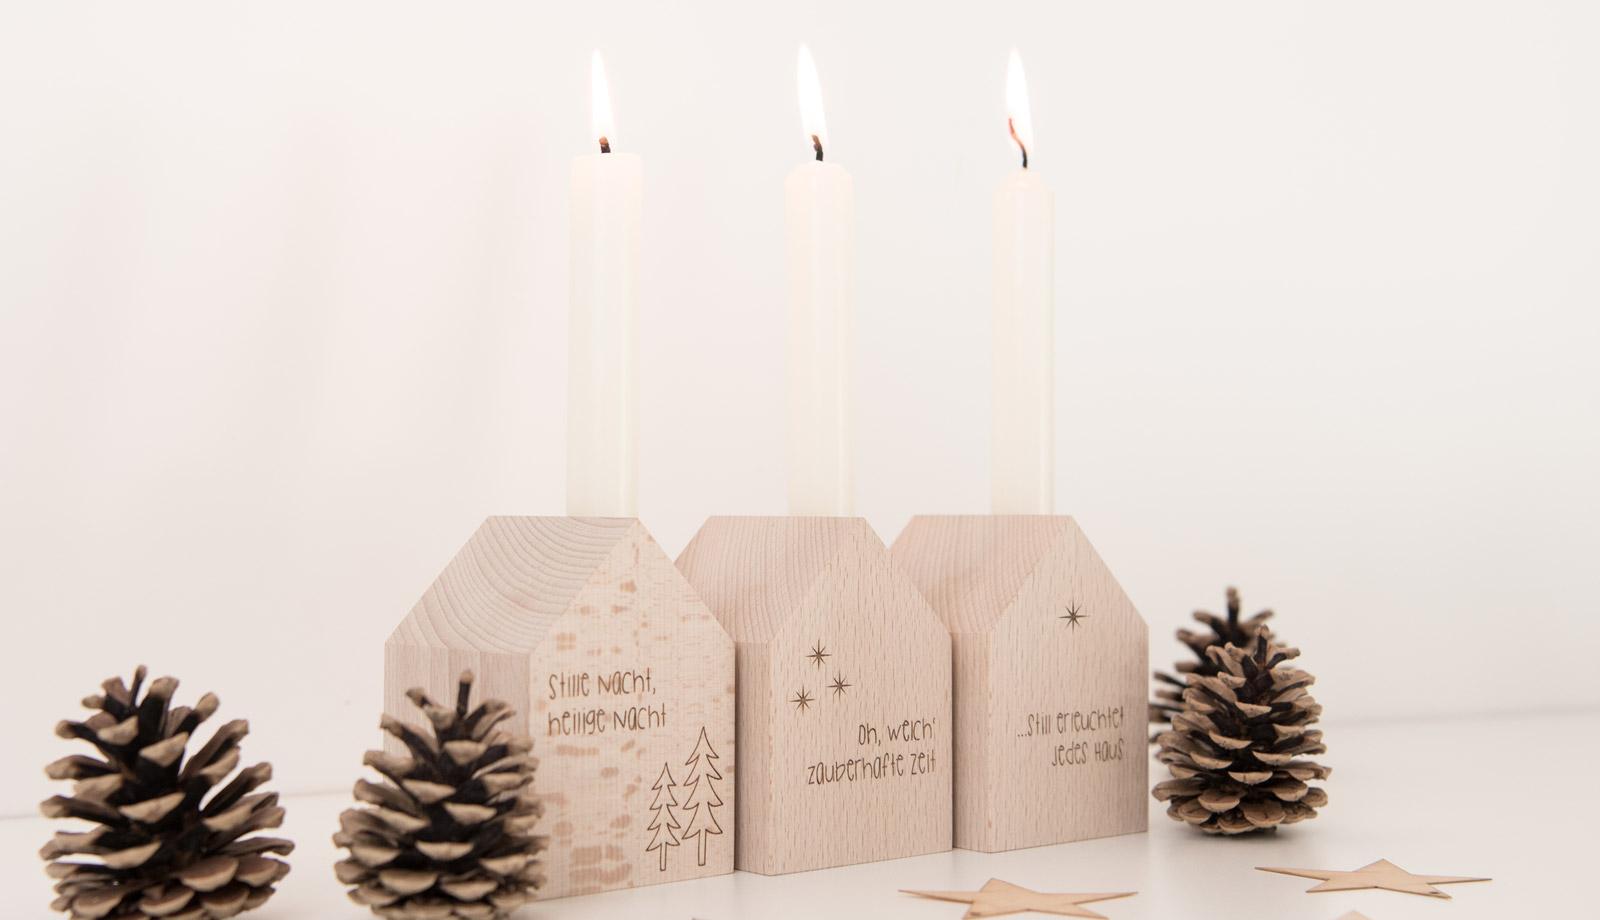 Deko Häuschen mit Kerze, weihnachtlich graviert